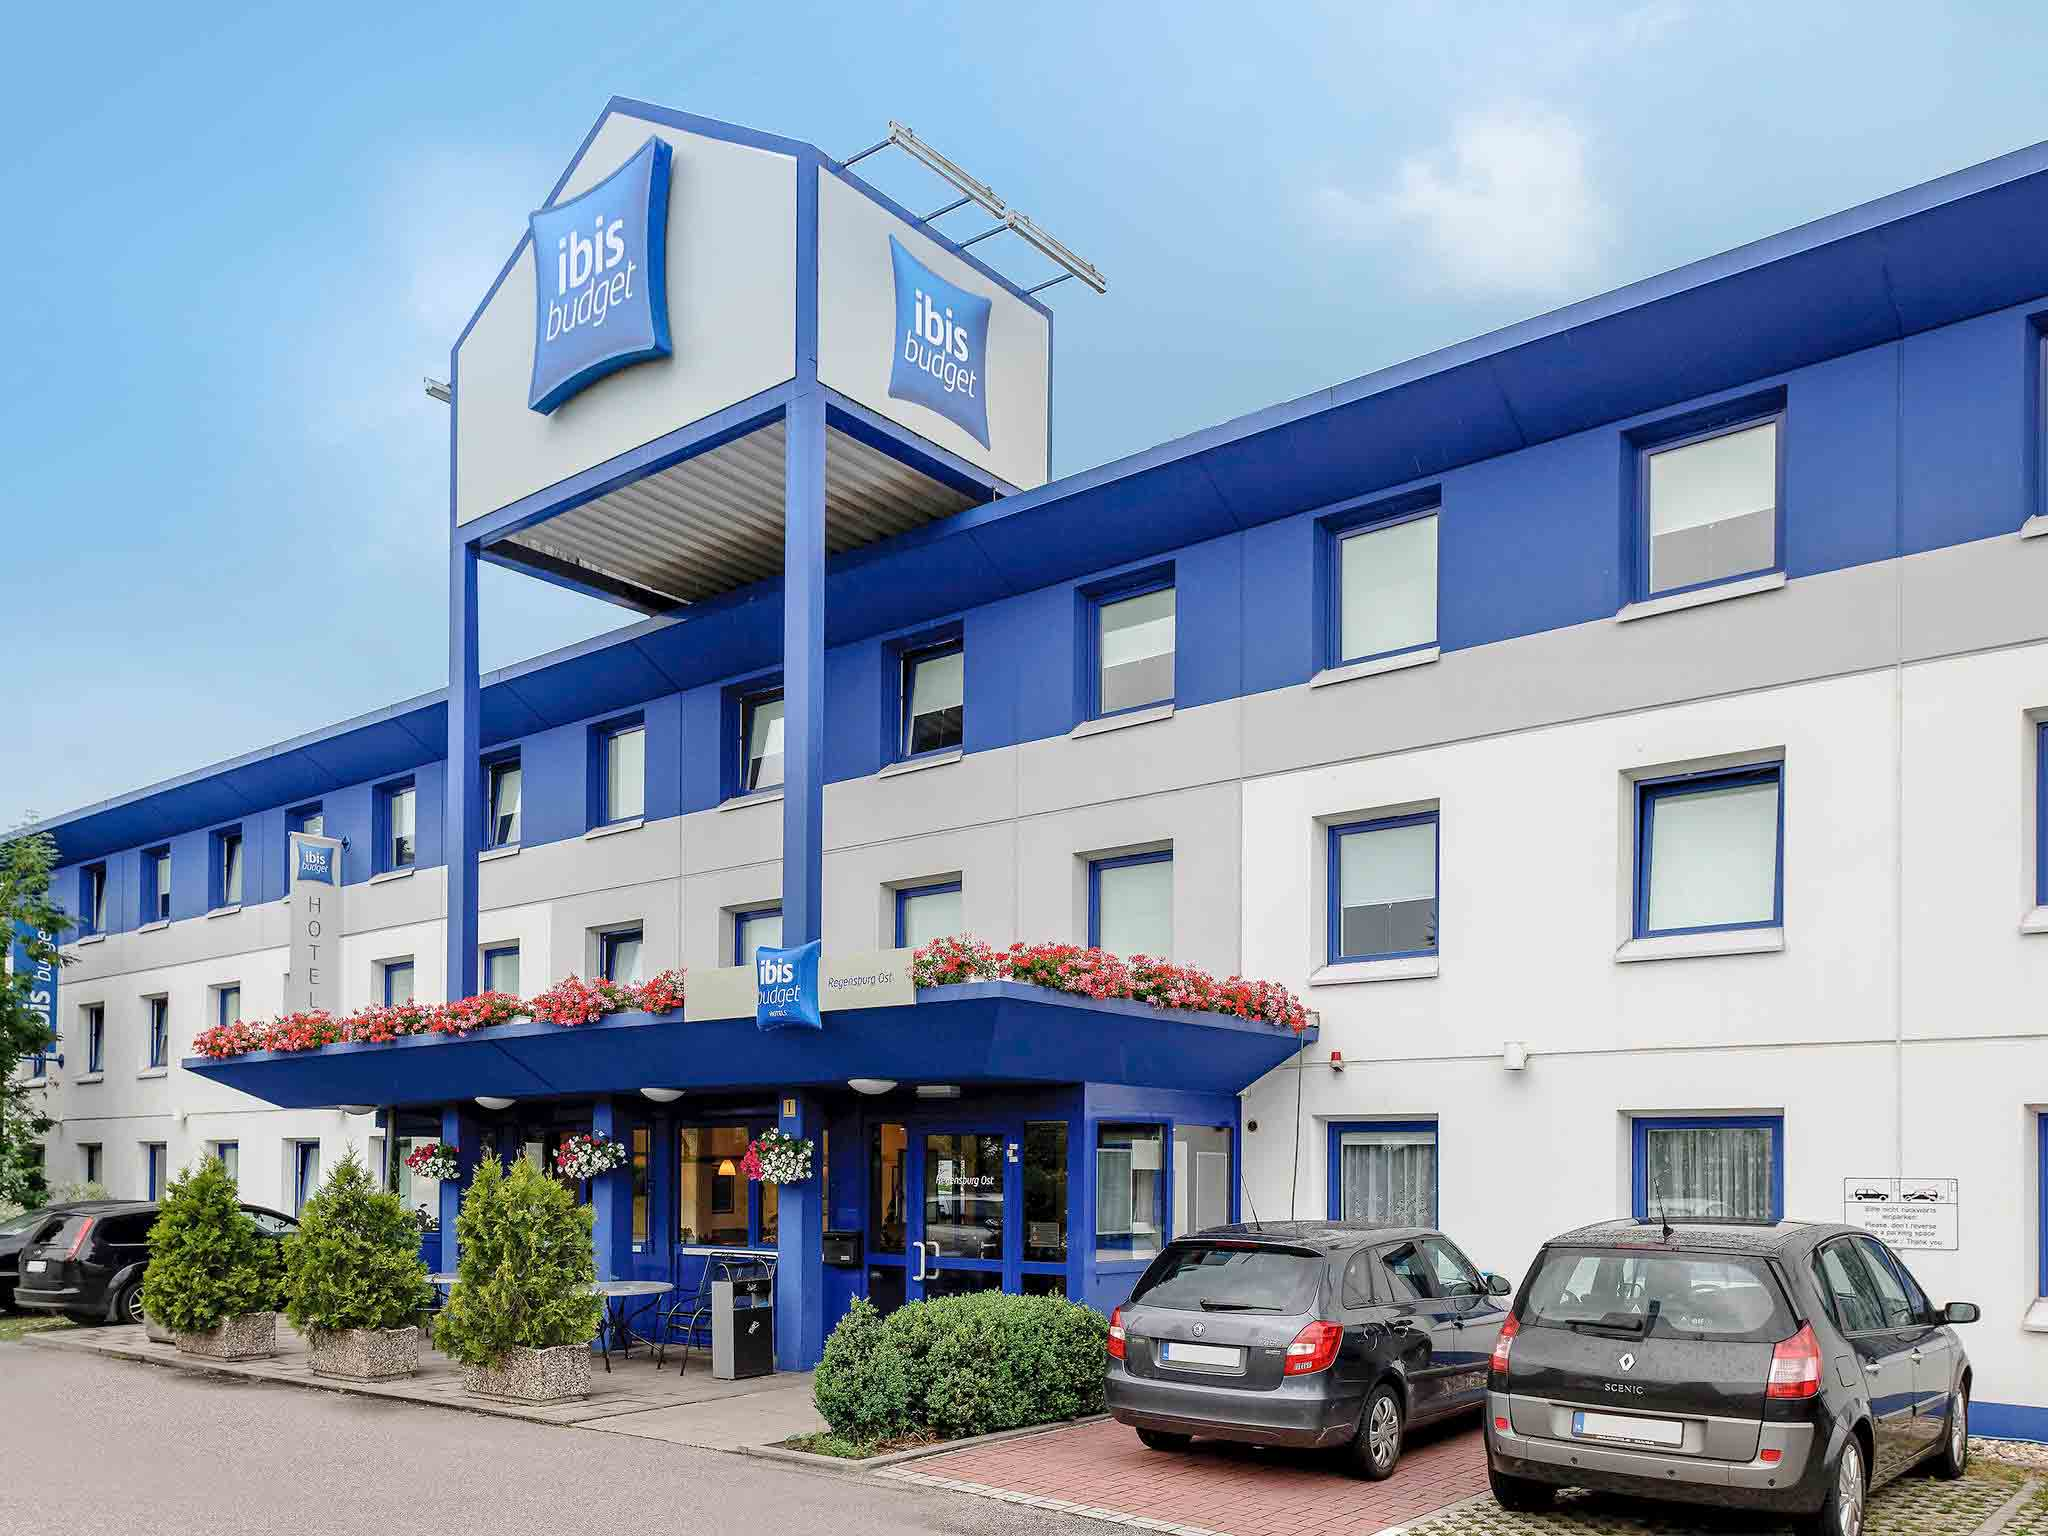 ホテル – イビスバジェットレーゲンスブルクオスト